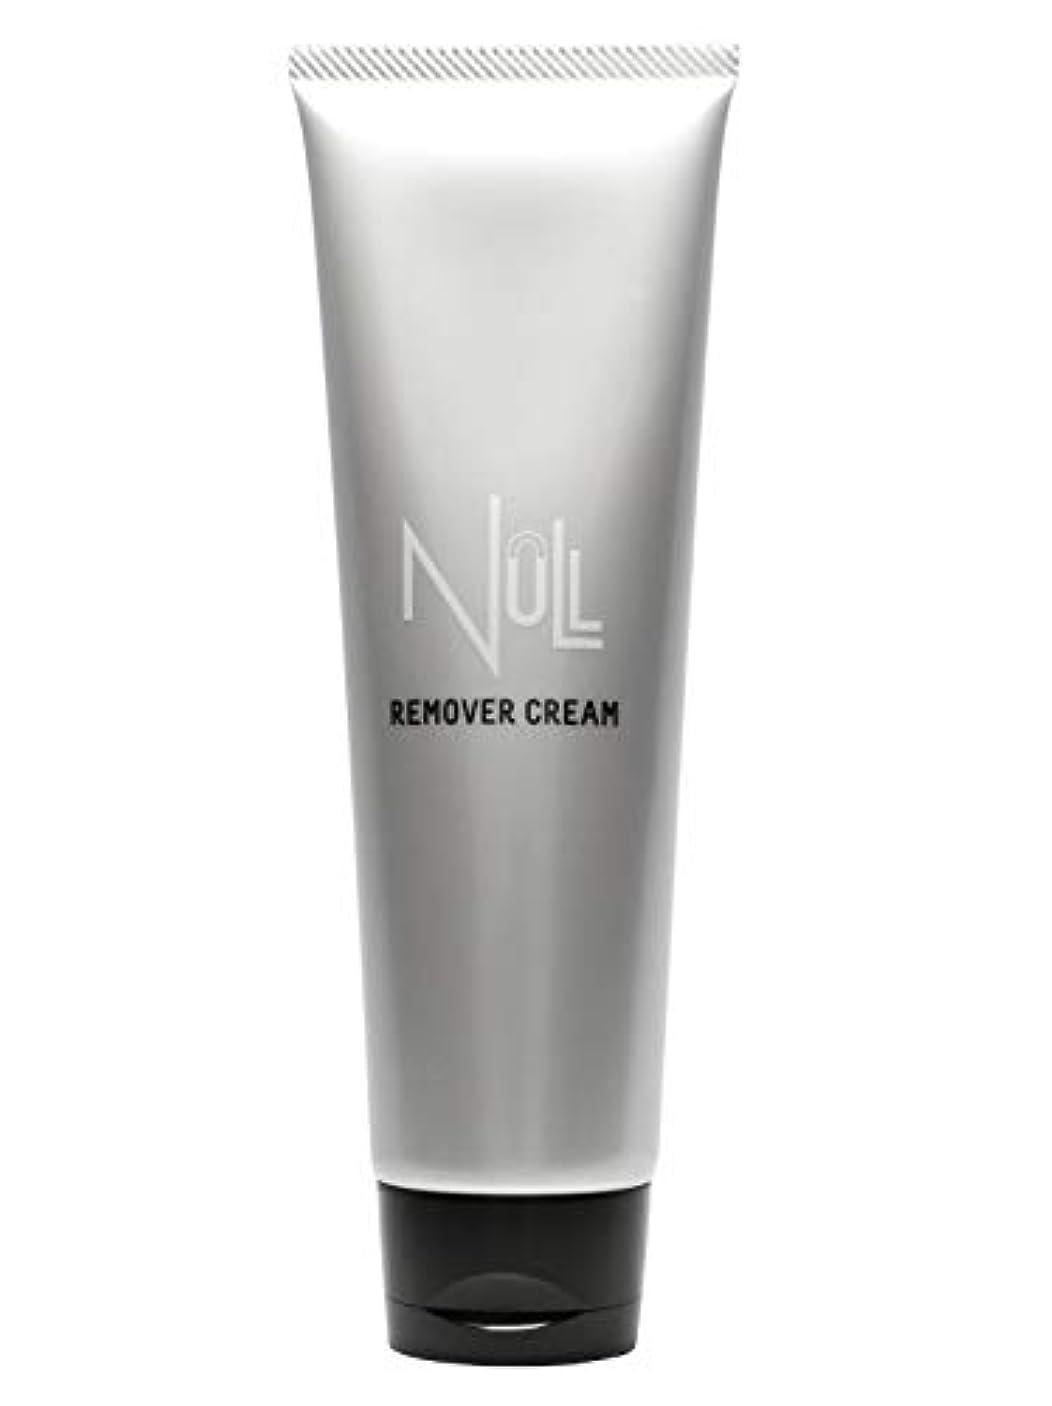 経歴施し手荷物NULL 薬用リムーバークリーム 除毛クリーム メンズ 200g [ 陰部 / アンダーヘア / Vライン / ボディ用 ]